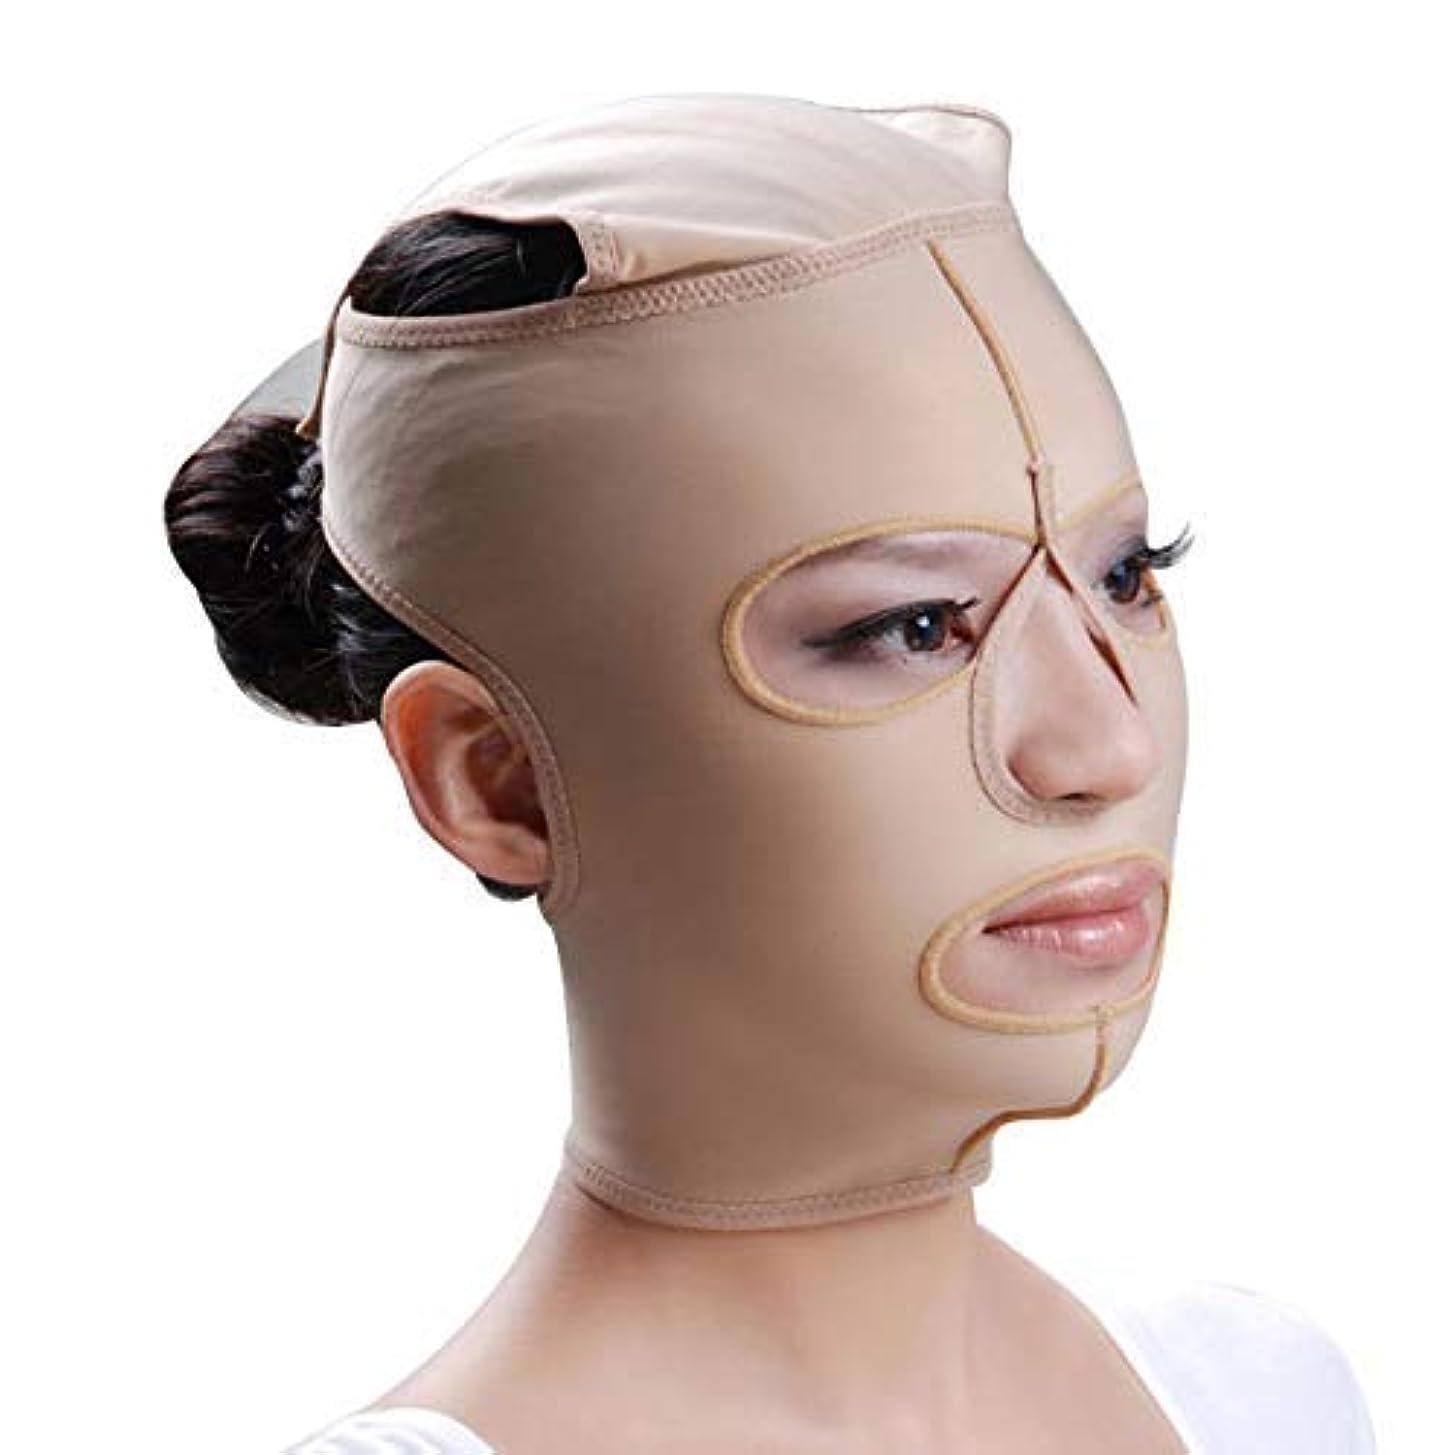 制限画像アラームファーミングフェイスマスク、フェイシャルマスクエラスティックフェイスリフティングリフティングファーミングパターンマイクロフィニッシングポストモデリングコンプレッションフェイスマスク(サイズ:S),L